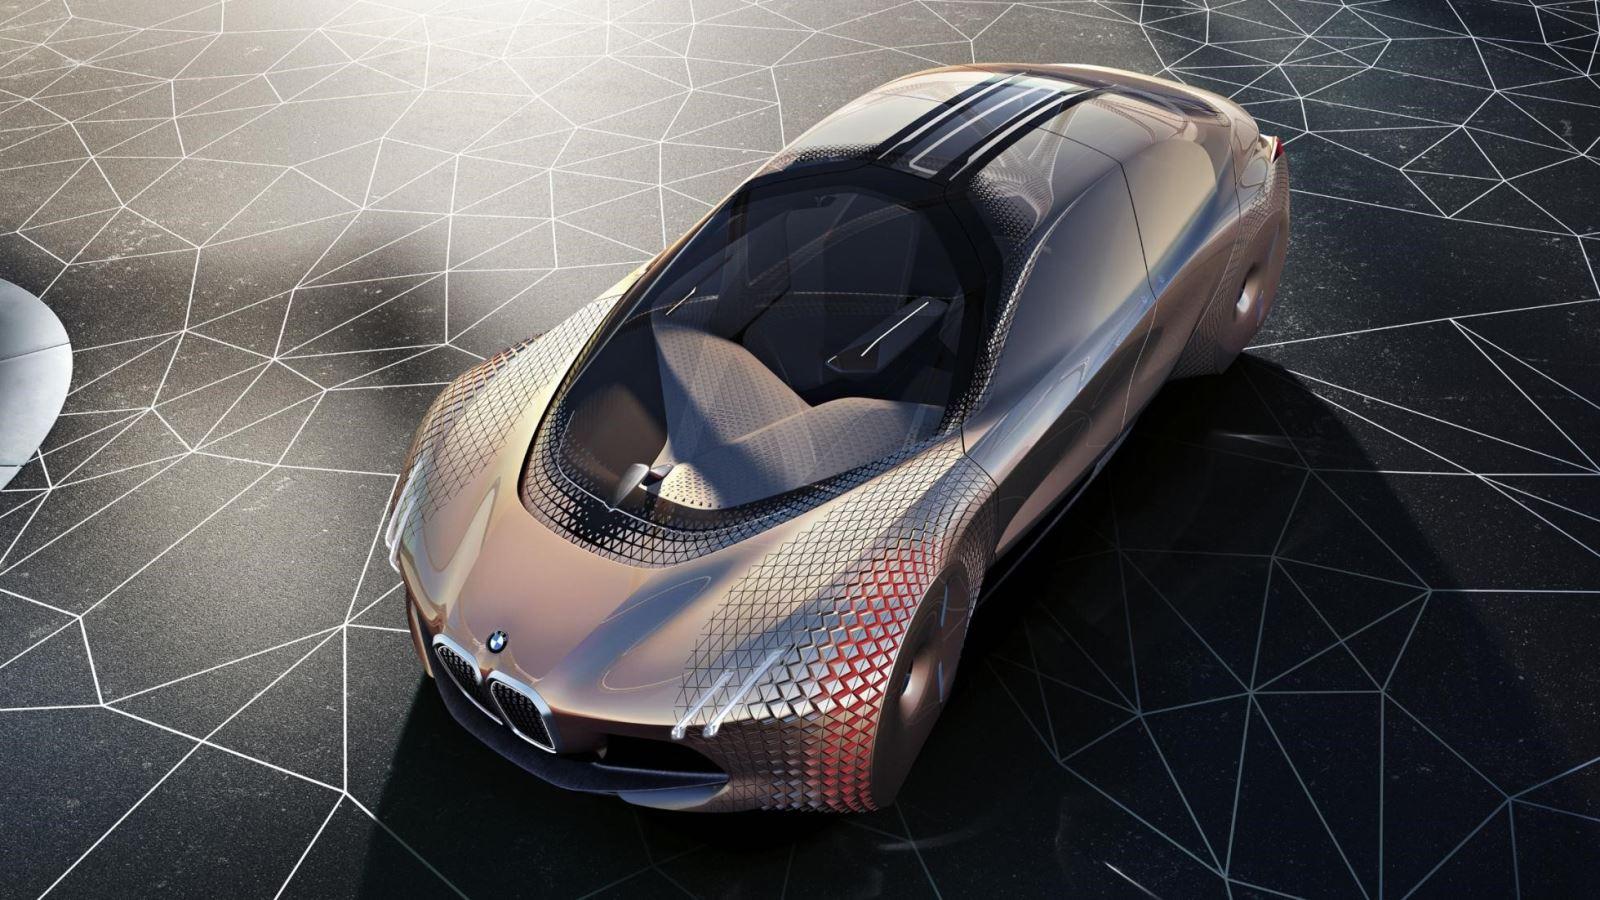 Германия оснастит беспилотные авто «черными ящиками» 2